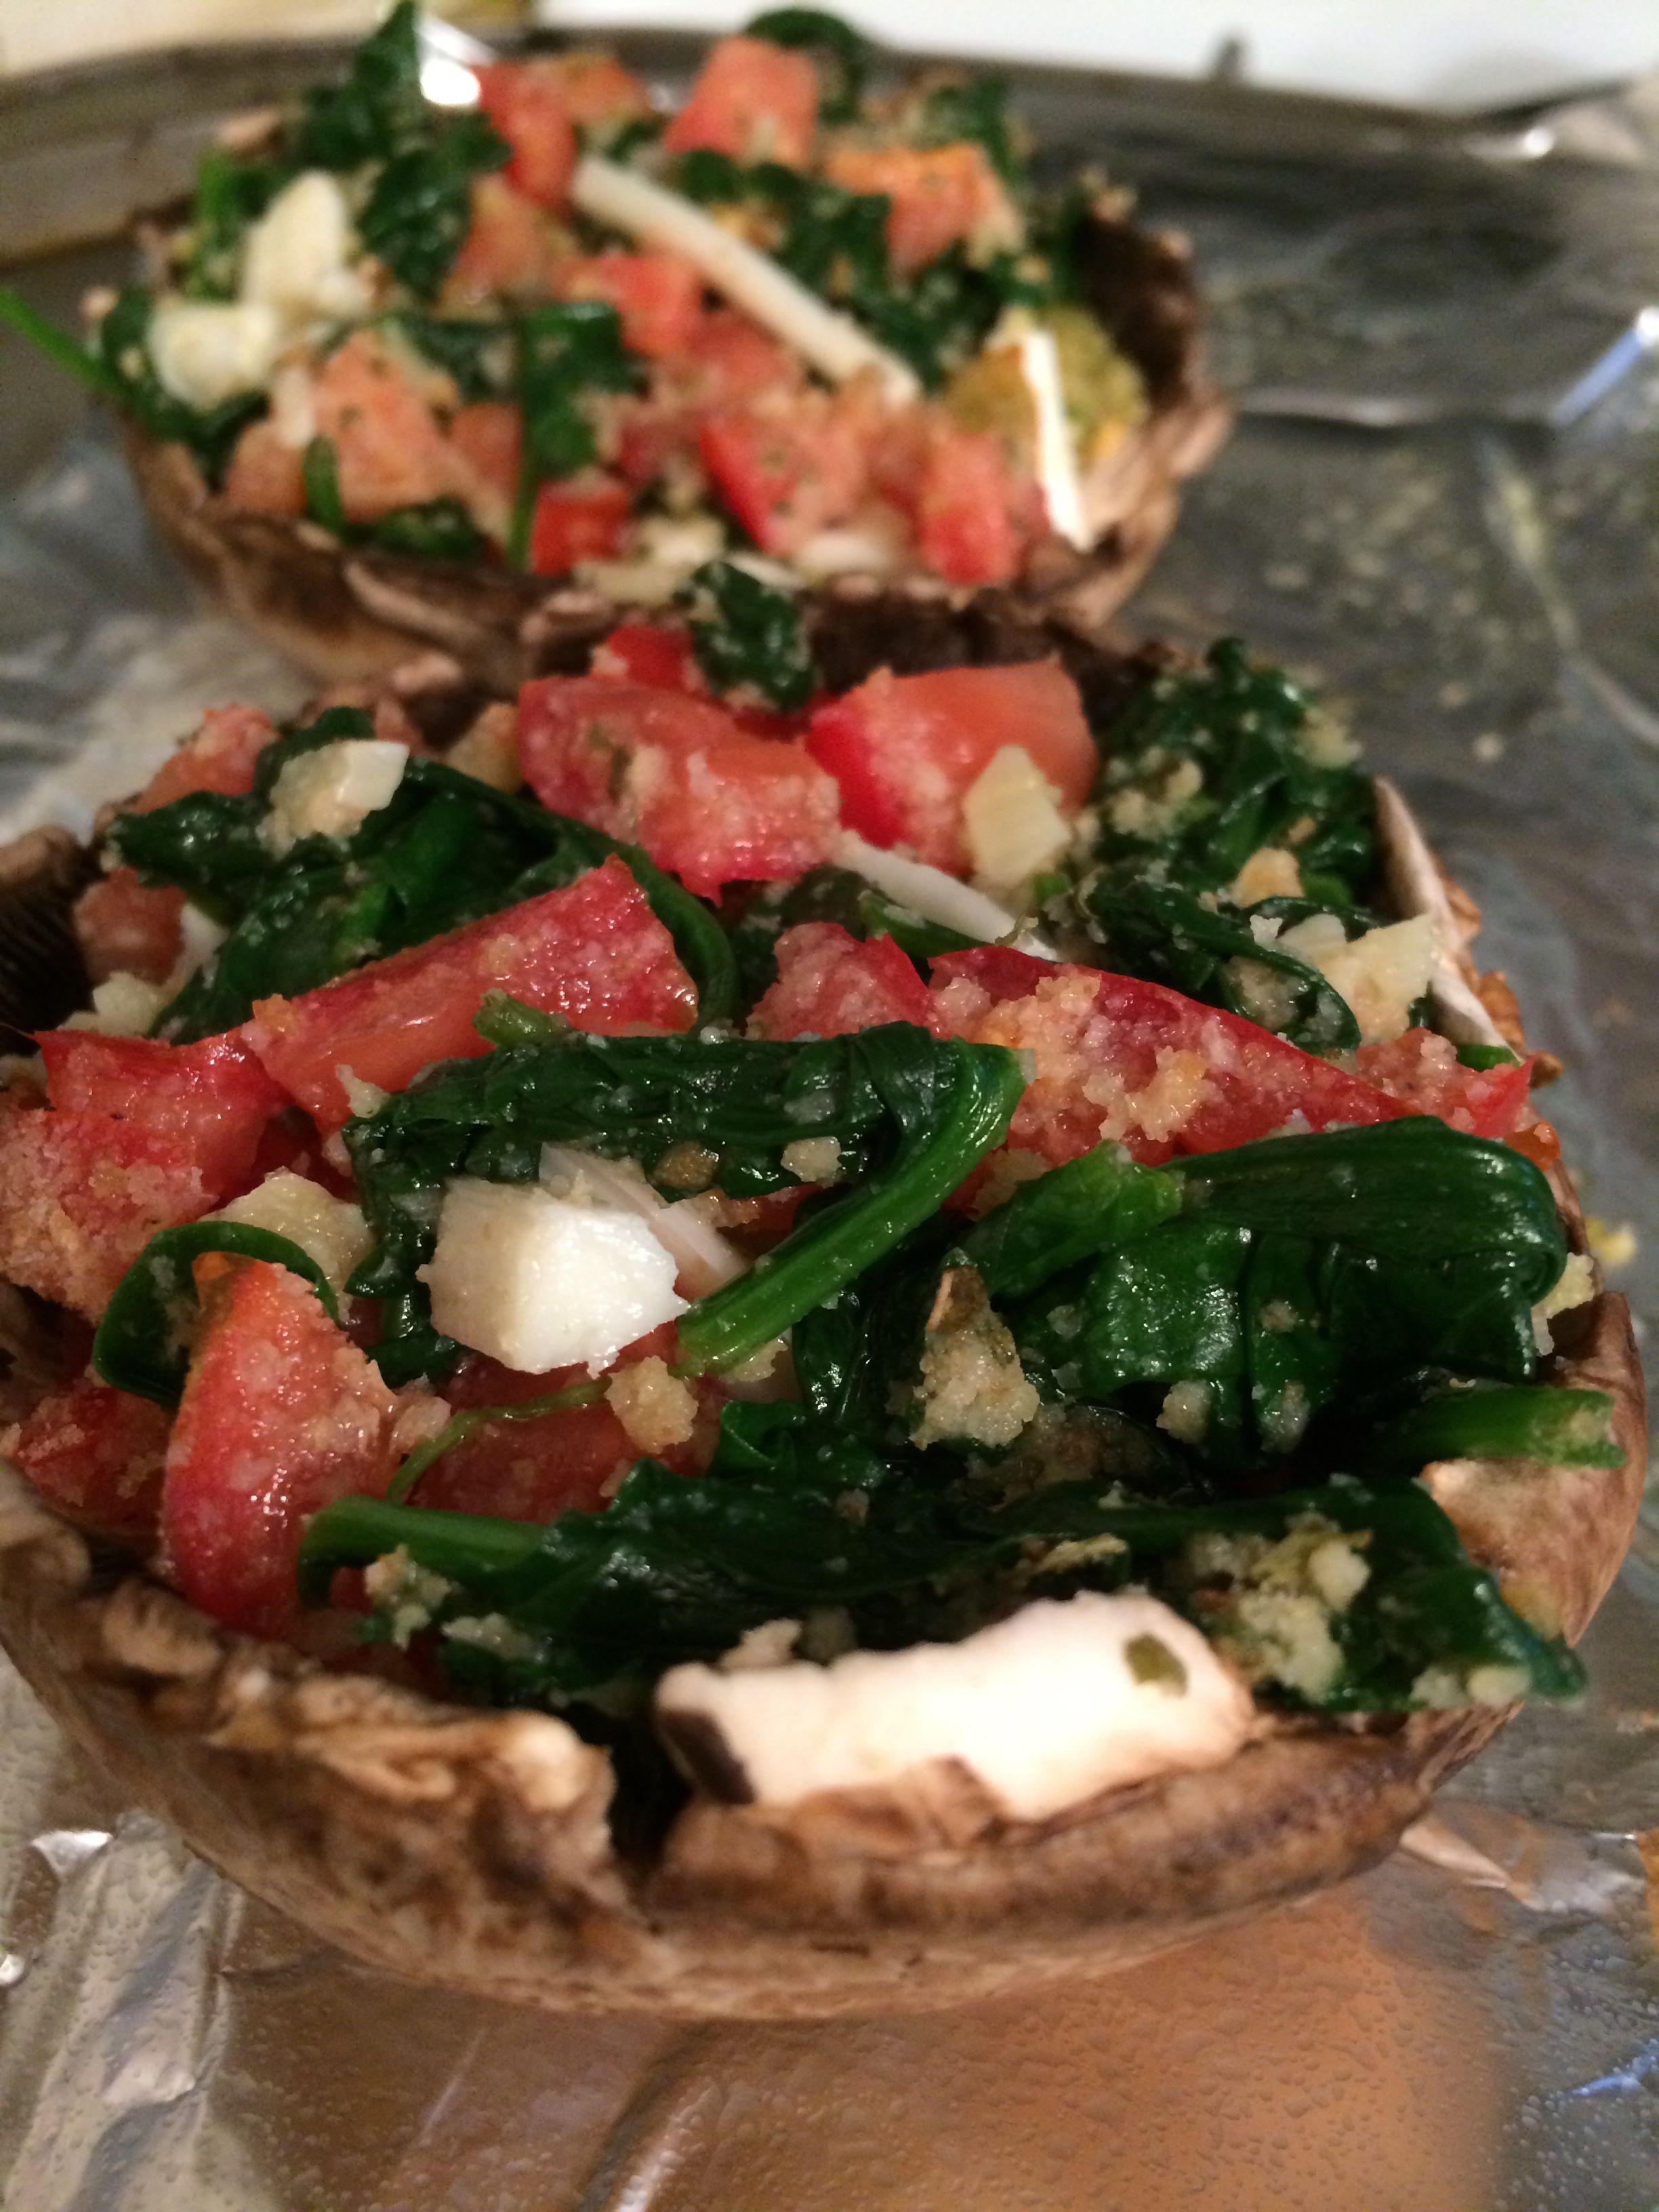 Mozzarella, tomato, Italian bread crumb, pesto, sautéed spinach/garlic/cooking wine stuffed portabella